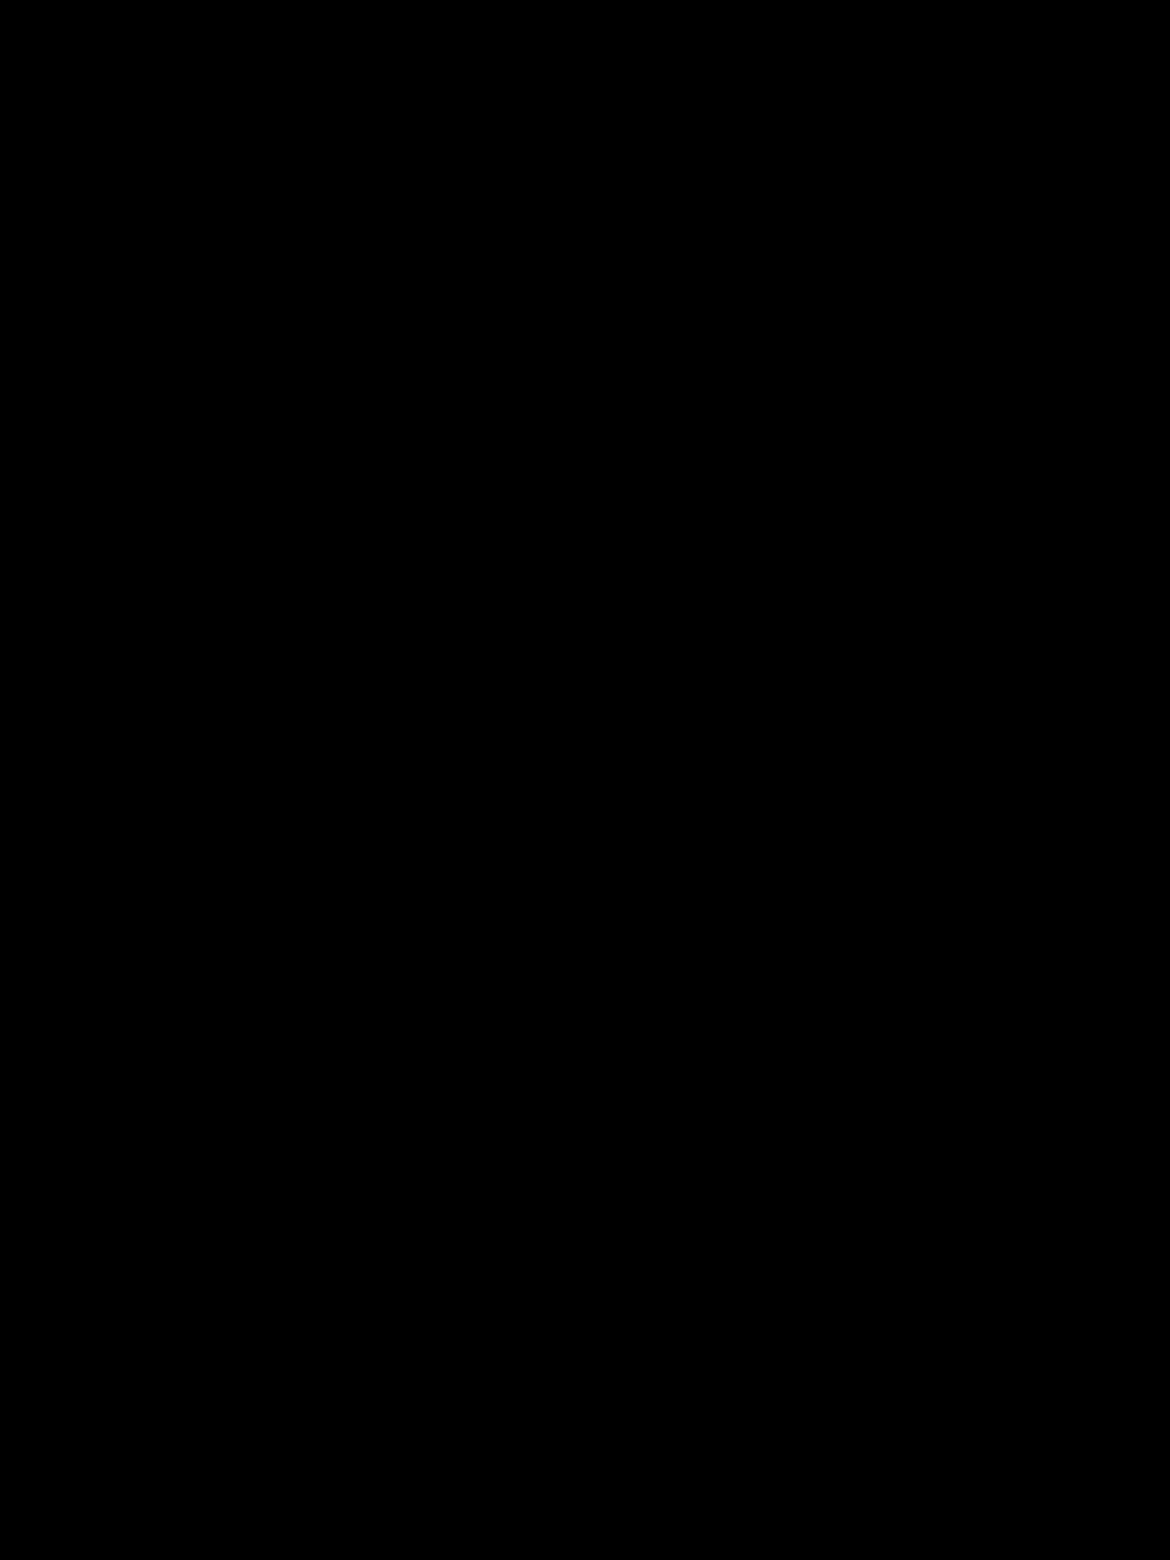 Una settimana in Giappone - Il mio itinerario by Laura Comolli - Shibuya Crossing, Tokyo